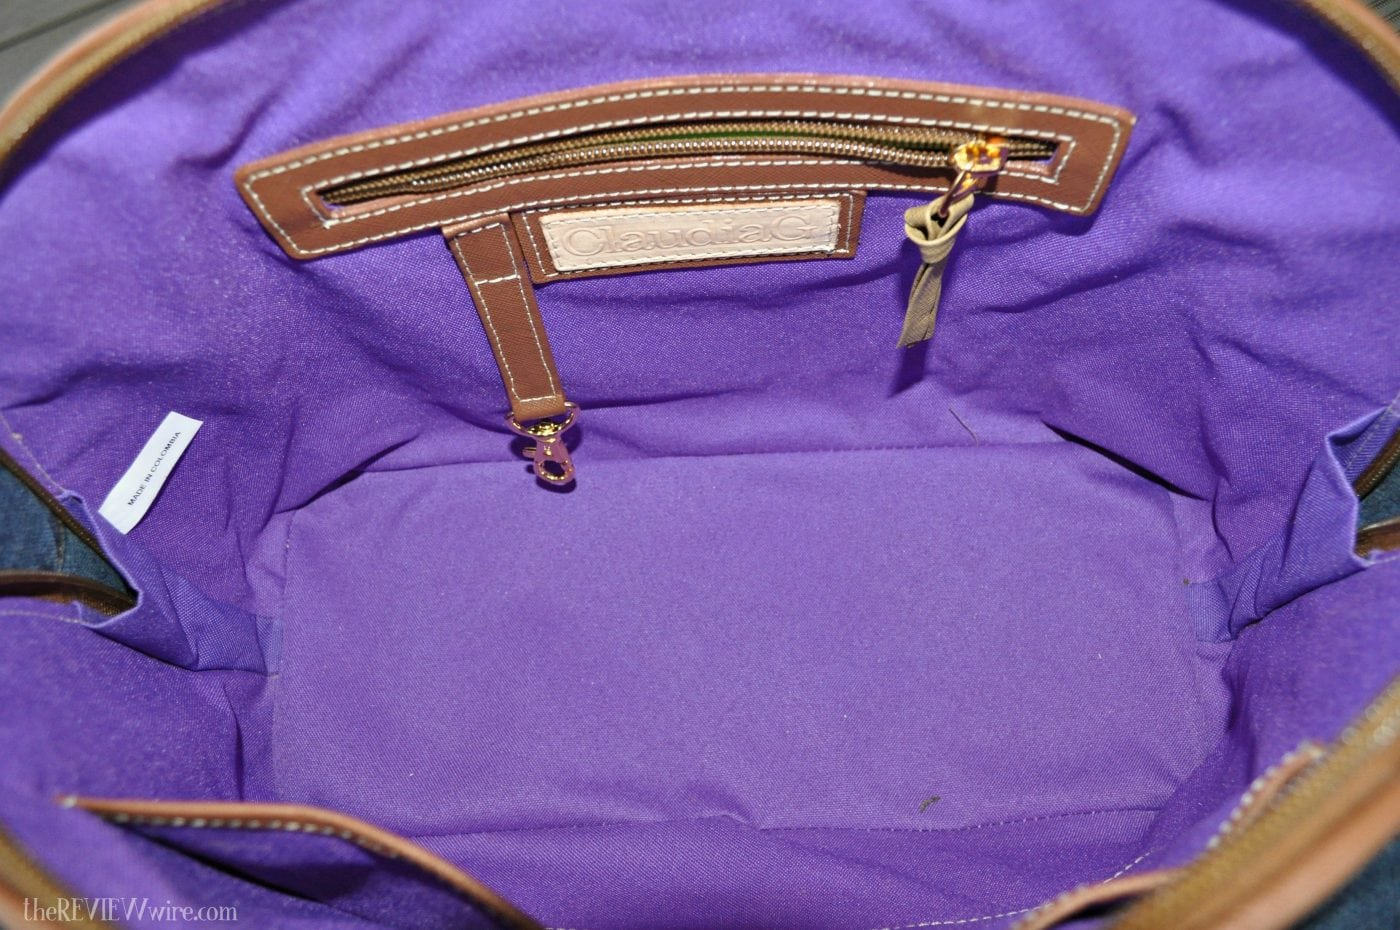 ClaudiaG Antonia Handbag Inside Look